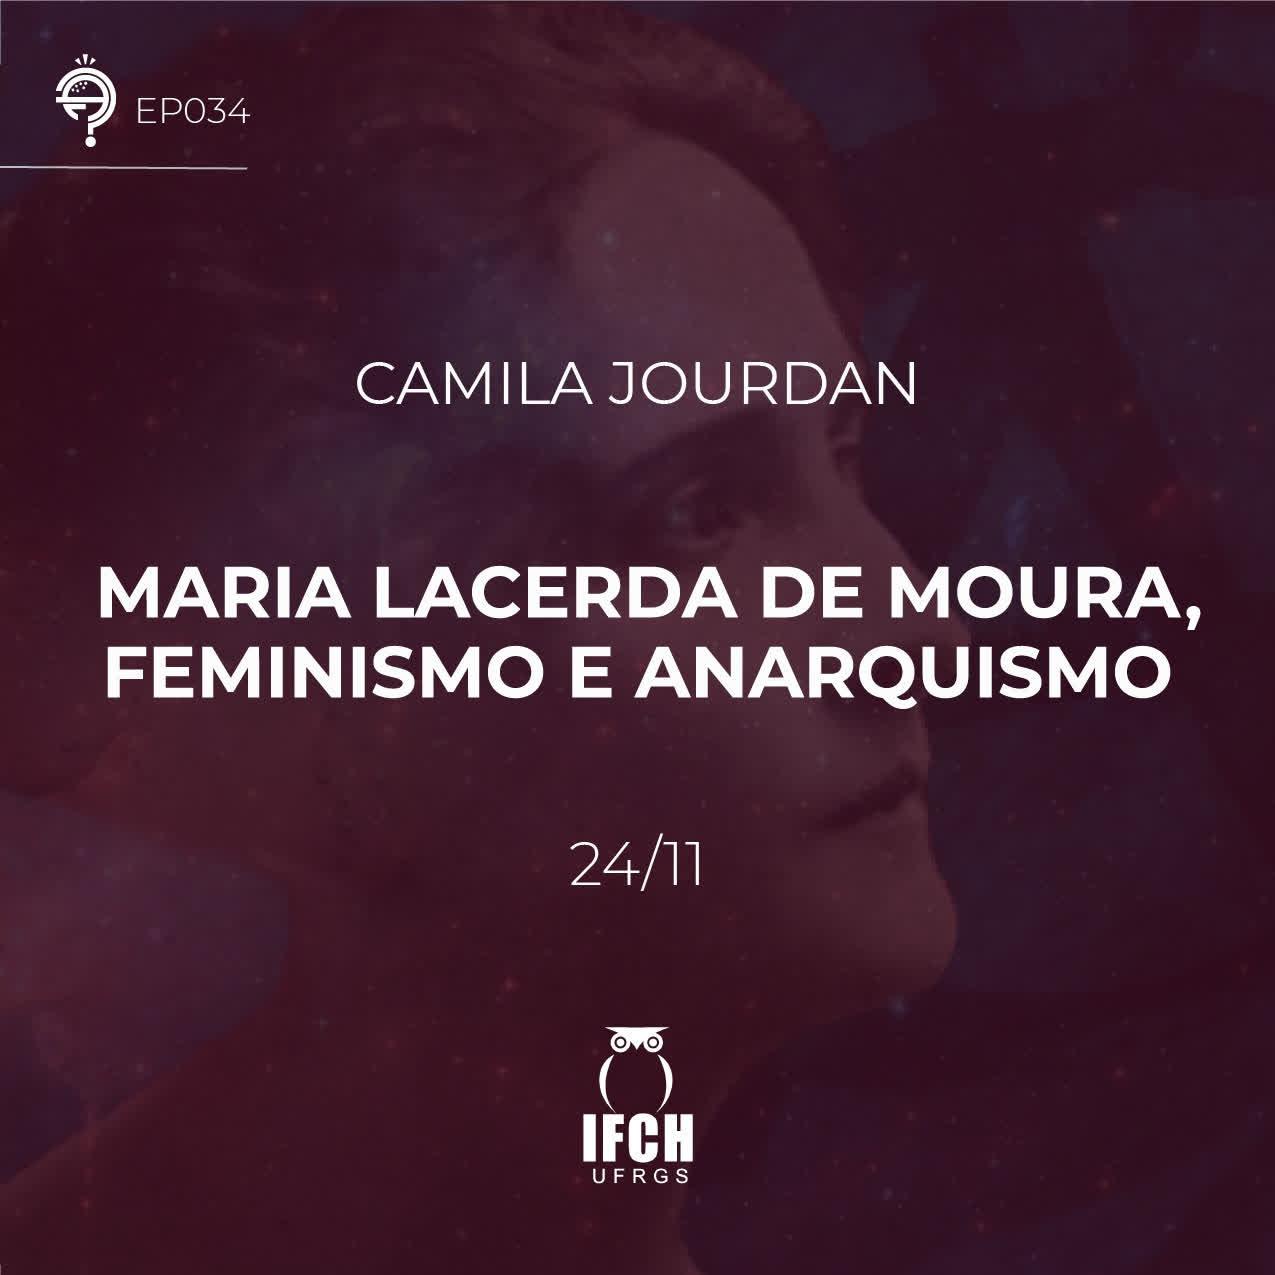 Ep. 034: Maria Lacerda de Moura, anarquismo e feminismo